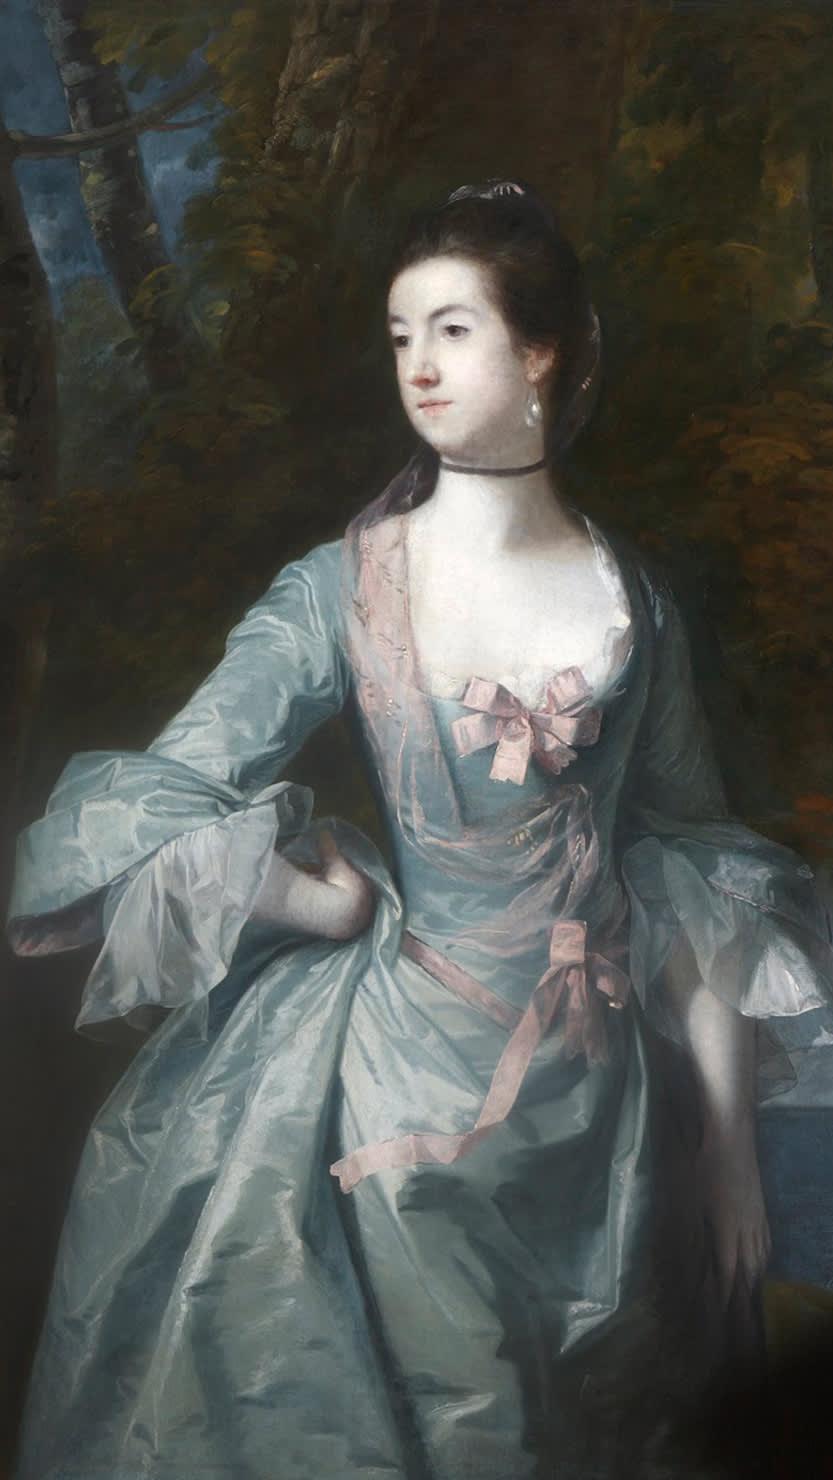 Anne Eliot by Reynolds